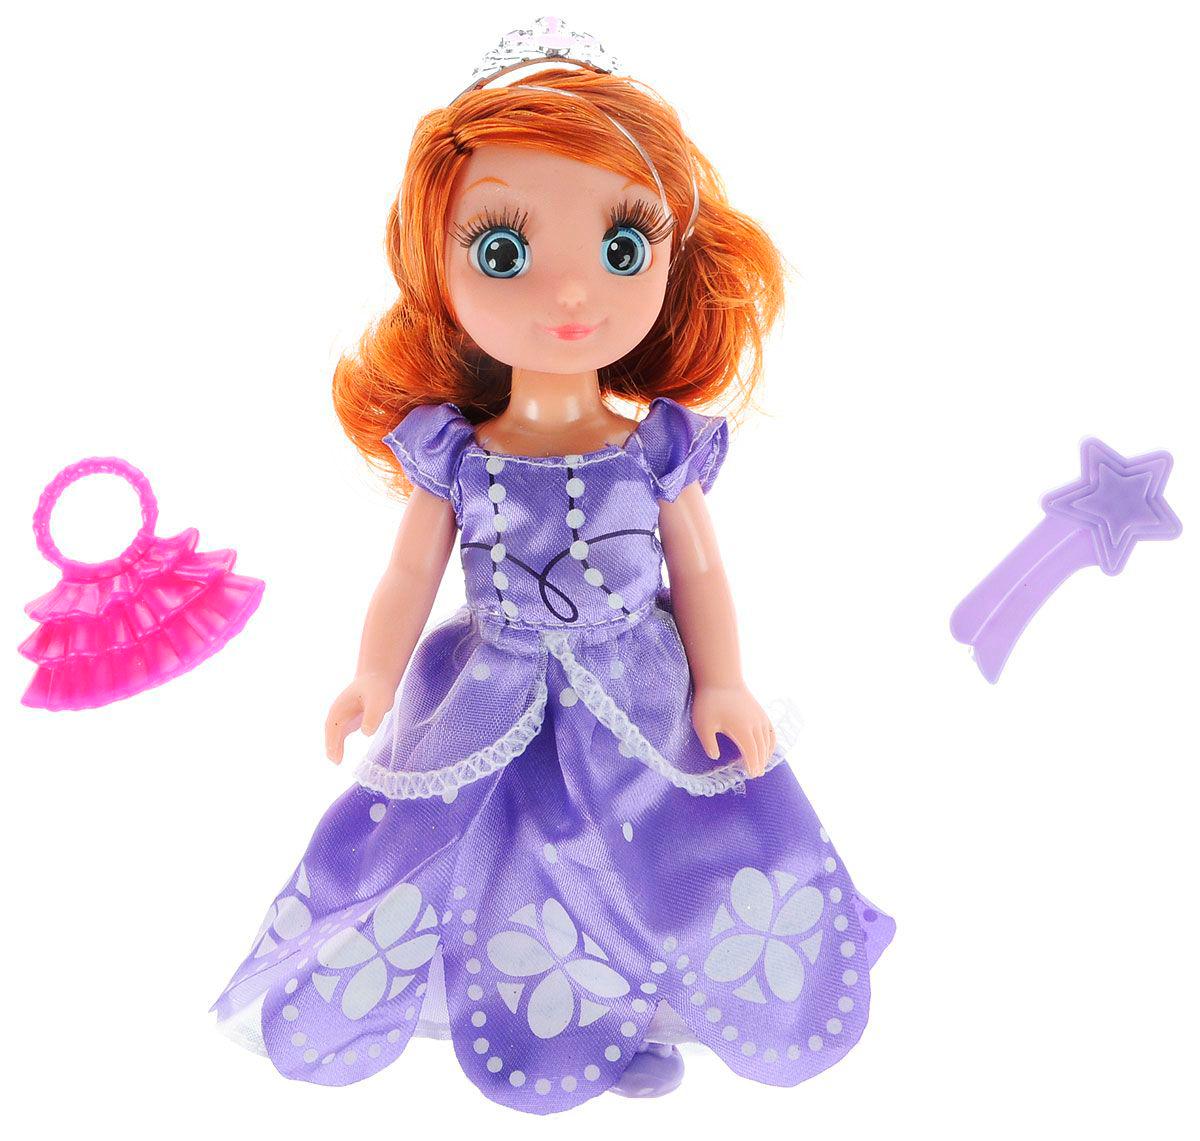 Кукла - Disney - Принцесса София, 15 см озвученная с набором одеждыСофия Прекрасная<br>Кукла - Disney - Принцесса София, 15 см озвученная с набором одежды<br>